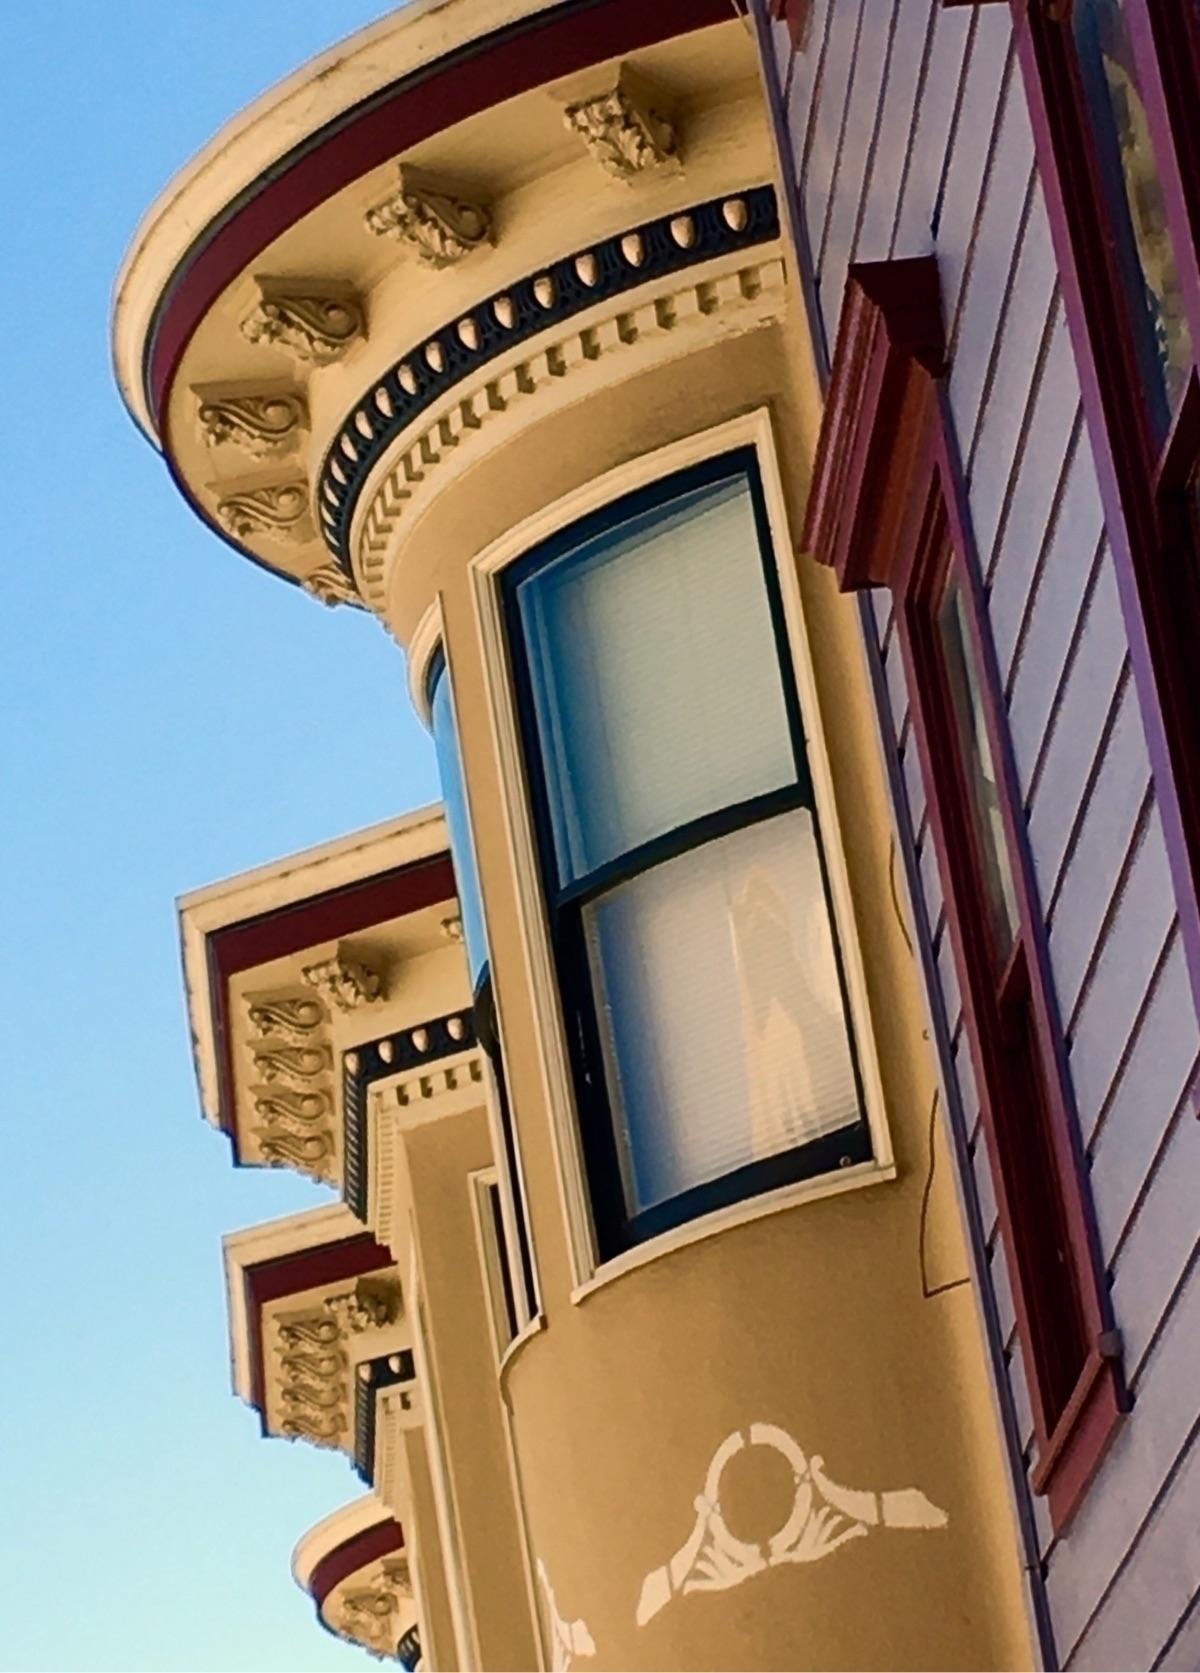 Palette City San Francisco, Cal - katemoriarty | ello